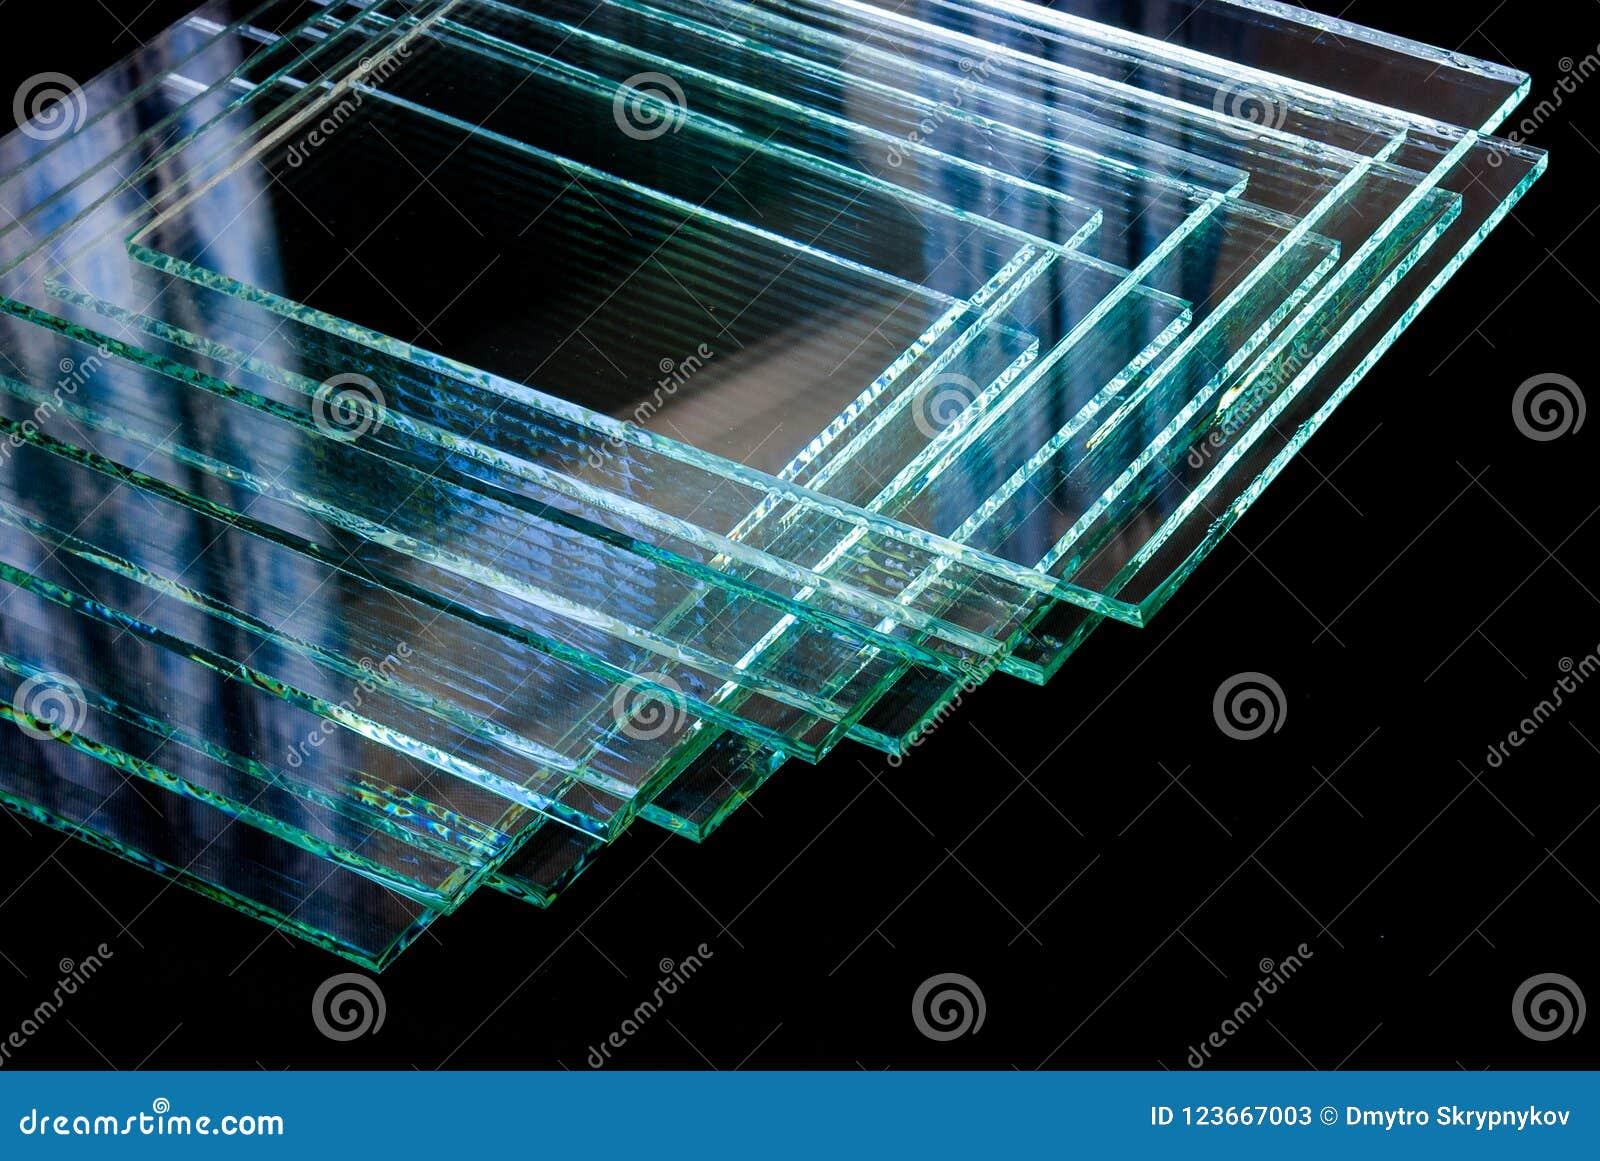 Листы производства фабрики закалили ясные отрезанные по заданному размеру панели стекла поплавка